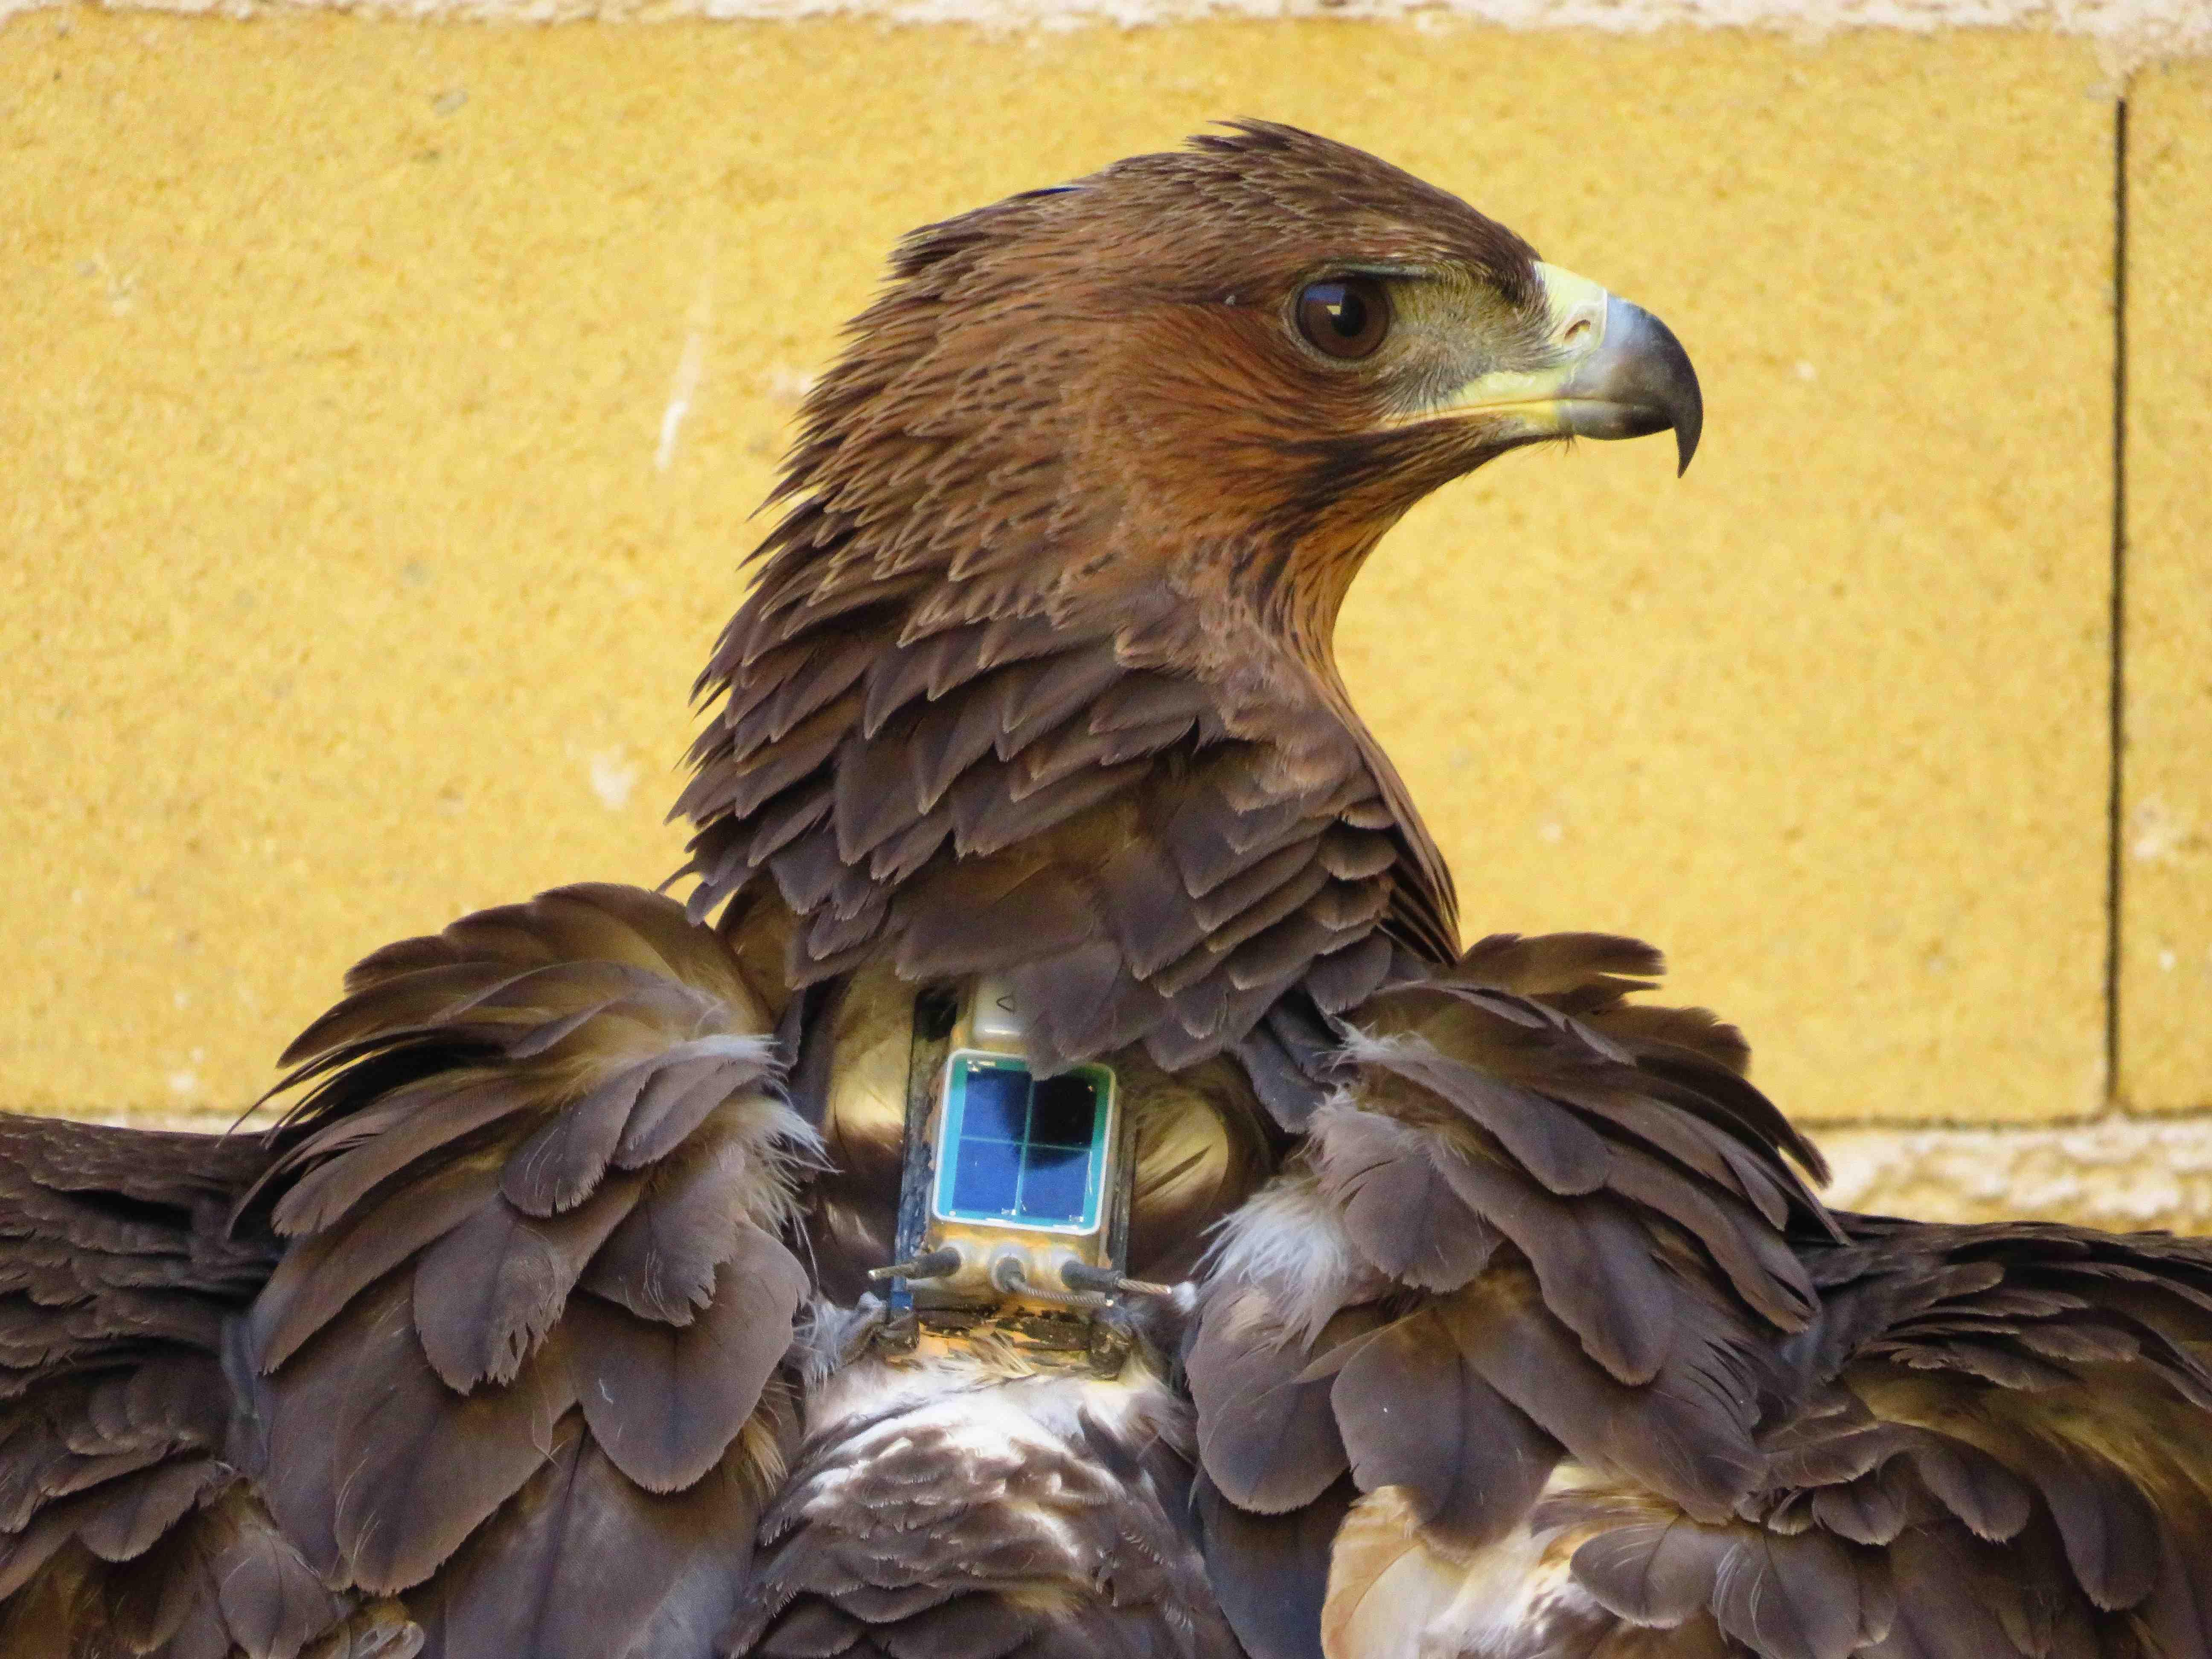 Águila de Bonelli con un emisor GPS a su espalda, antes de ser trasladada a una zona de reintroducción. Imagen: Aquila a-LIFE / Grefa